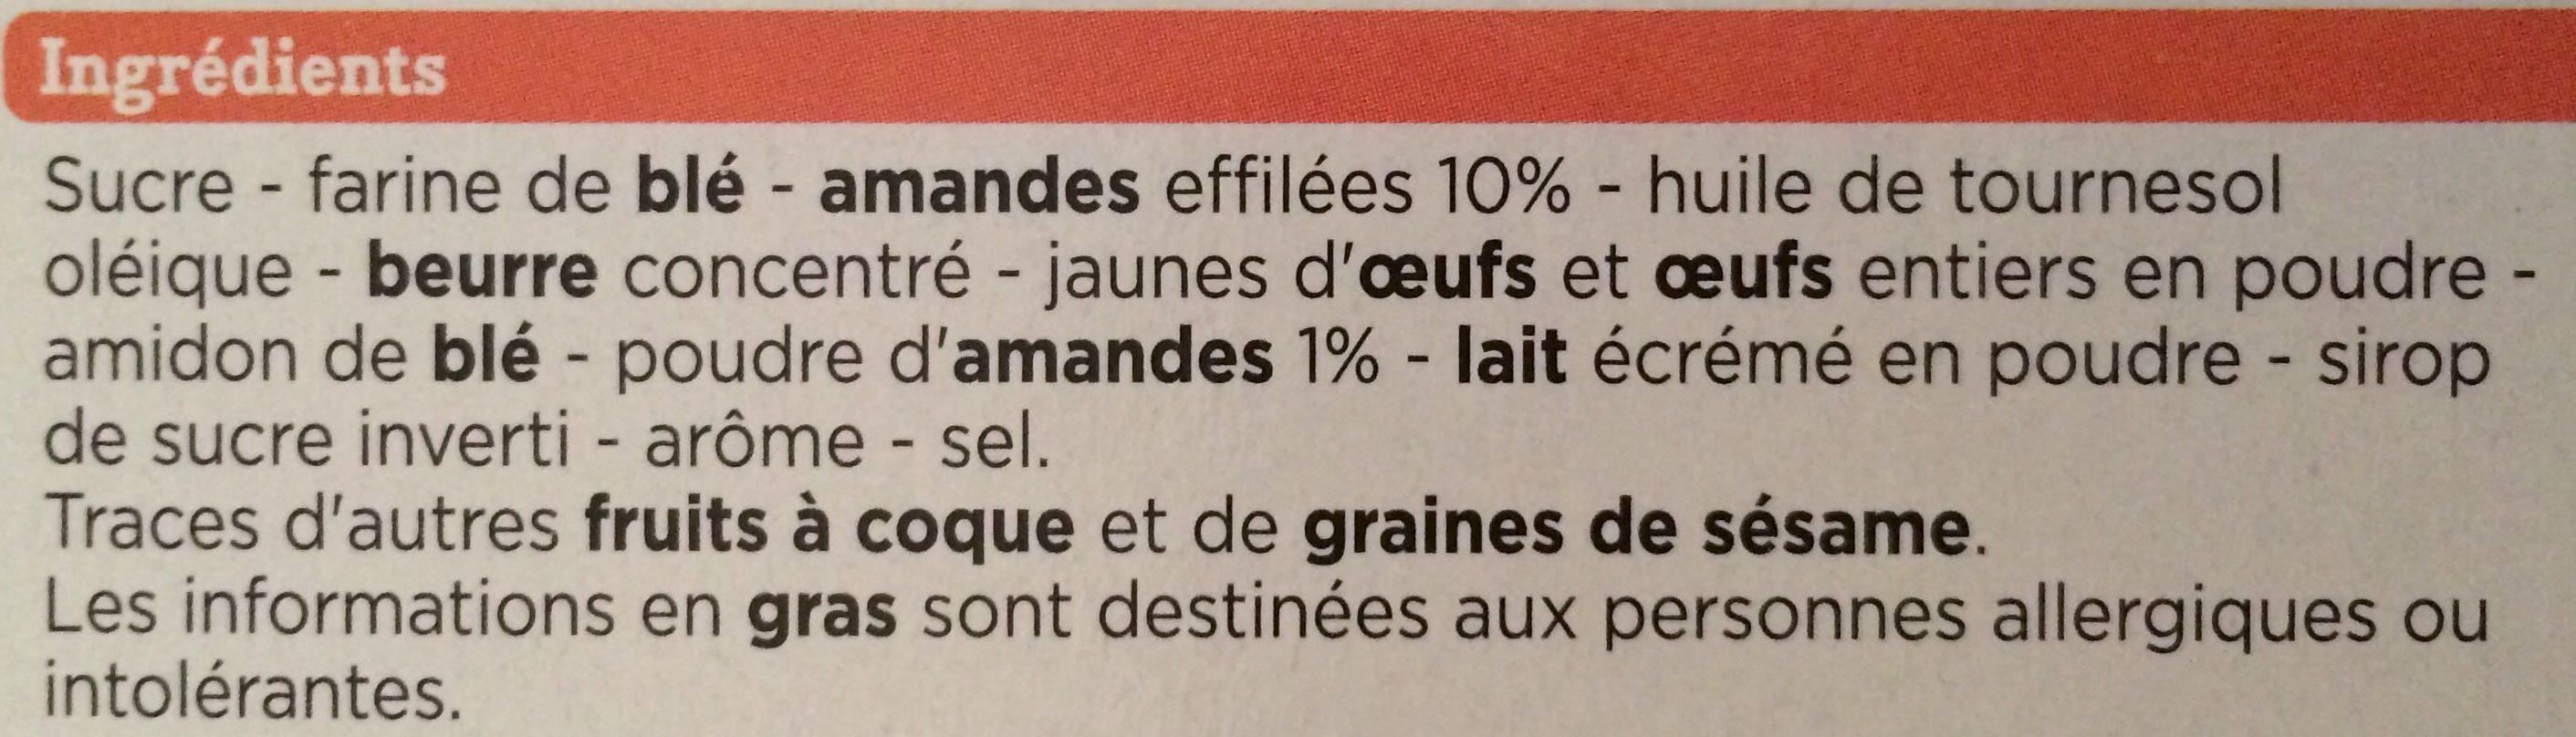 Tuiles aux amandes - Ingrédients - fr